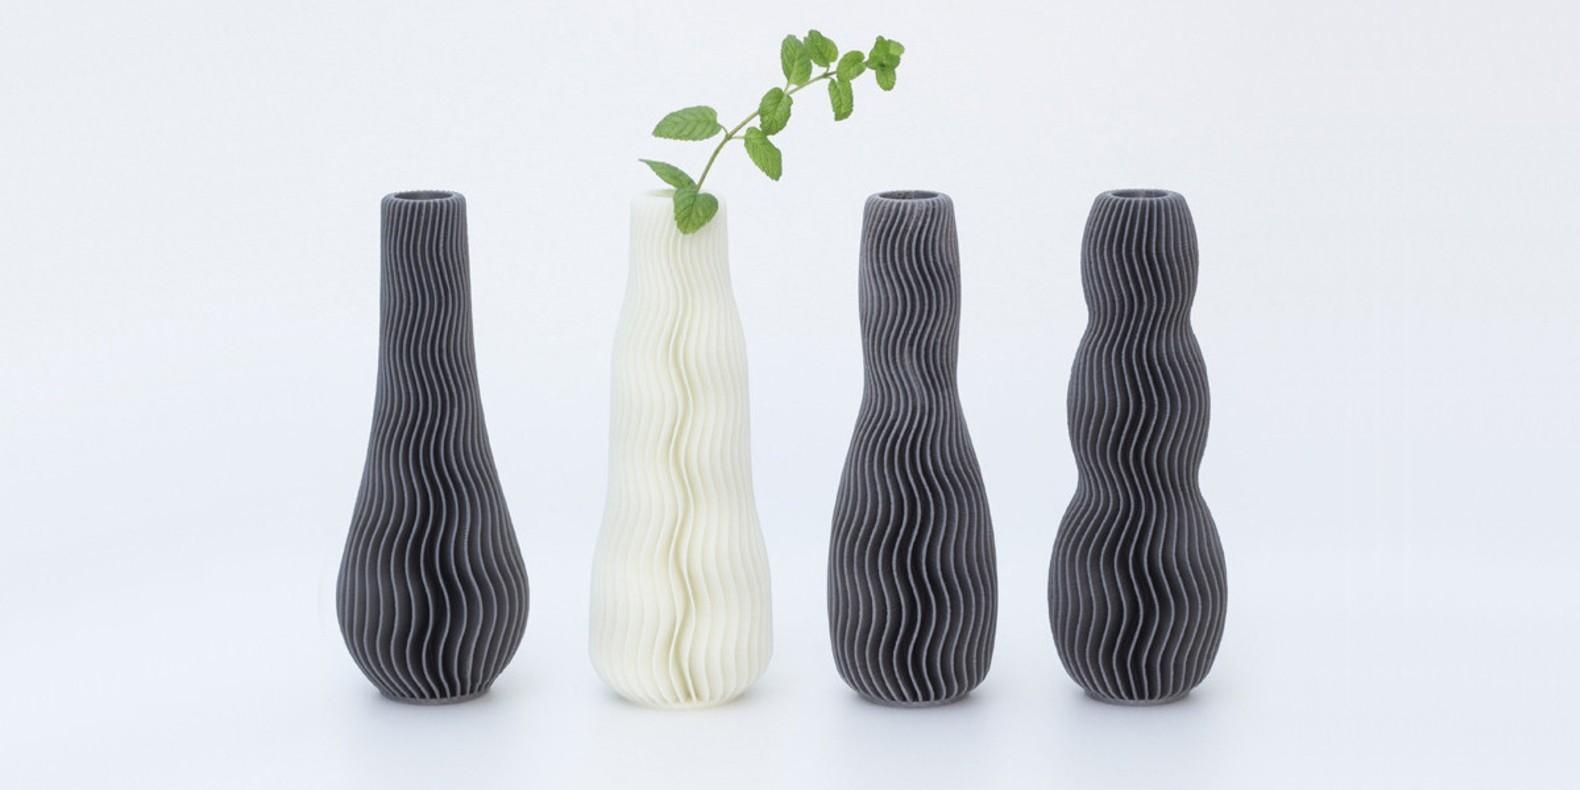 Découvrez dans cette collection des fichiers STL pour imprimante 3D de vases.